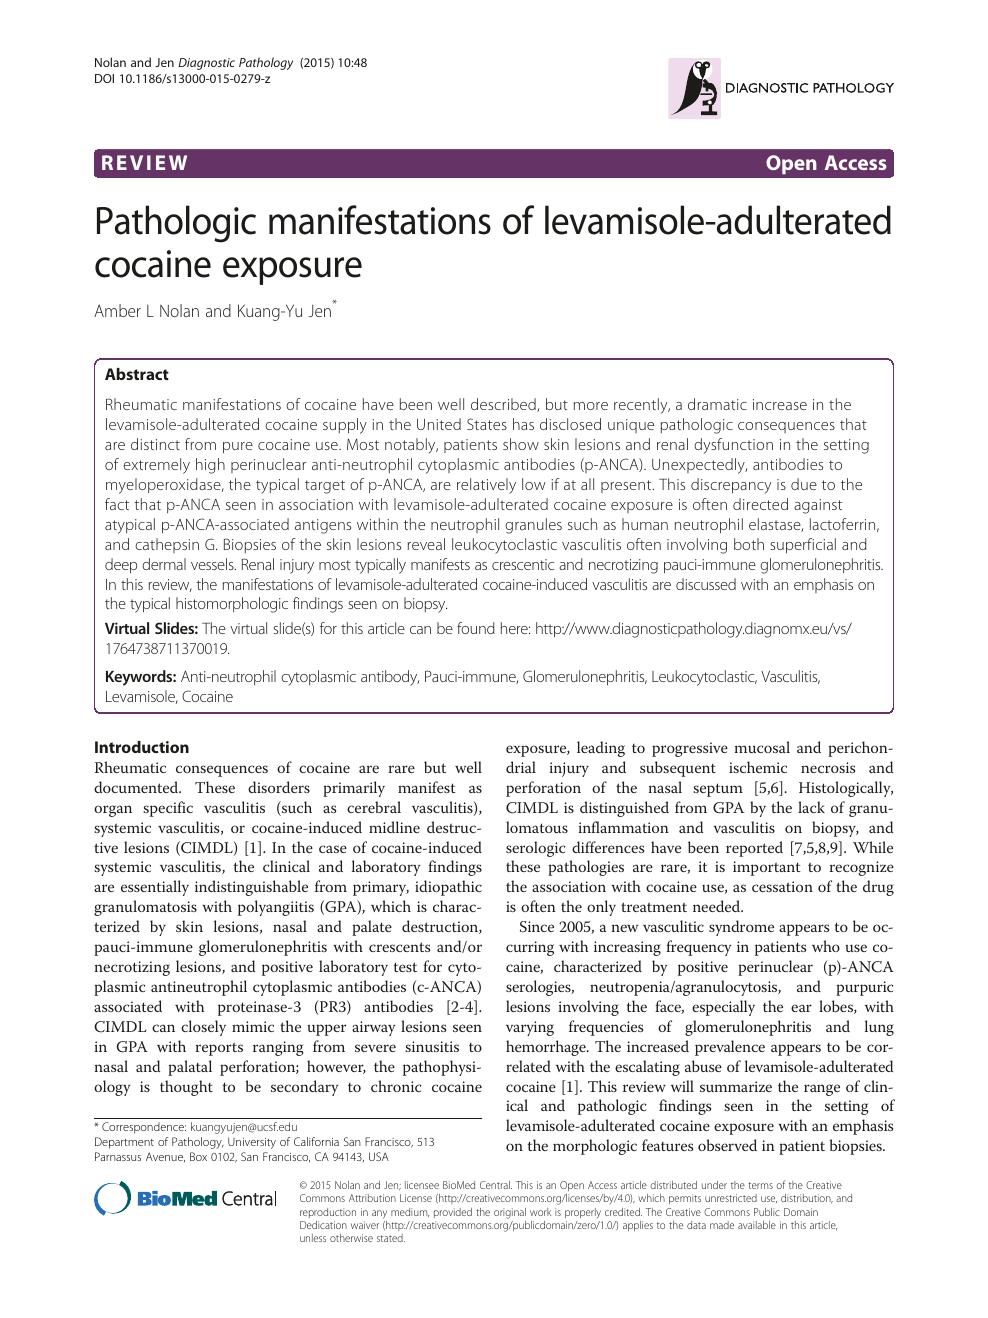 Pathologic manifestations of levamisole-adulterated cocaine